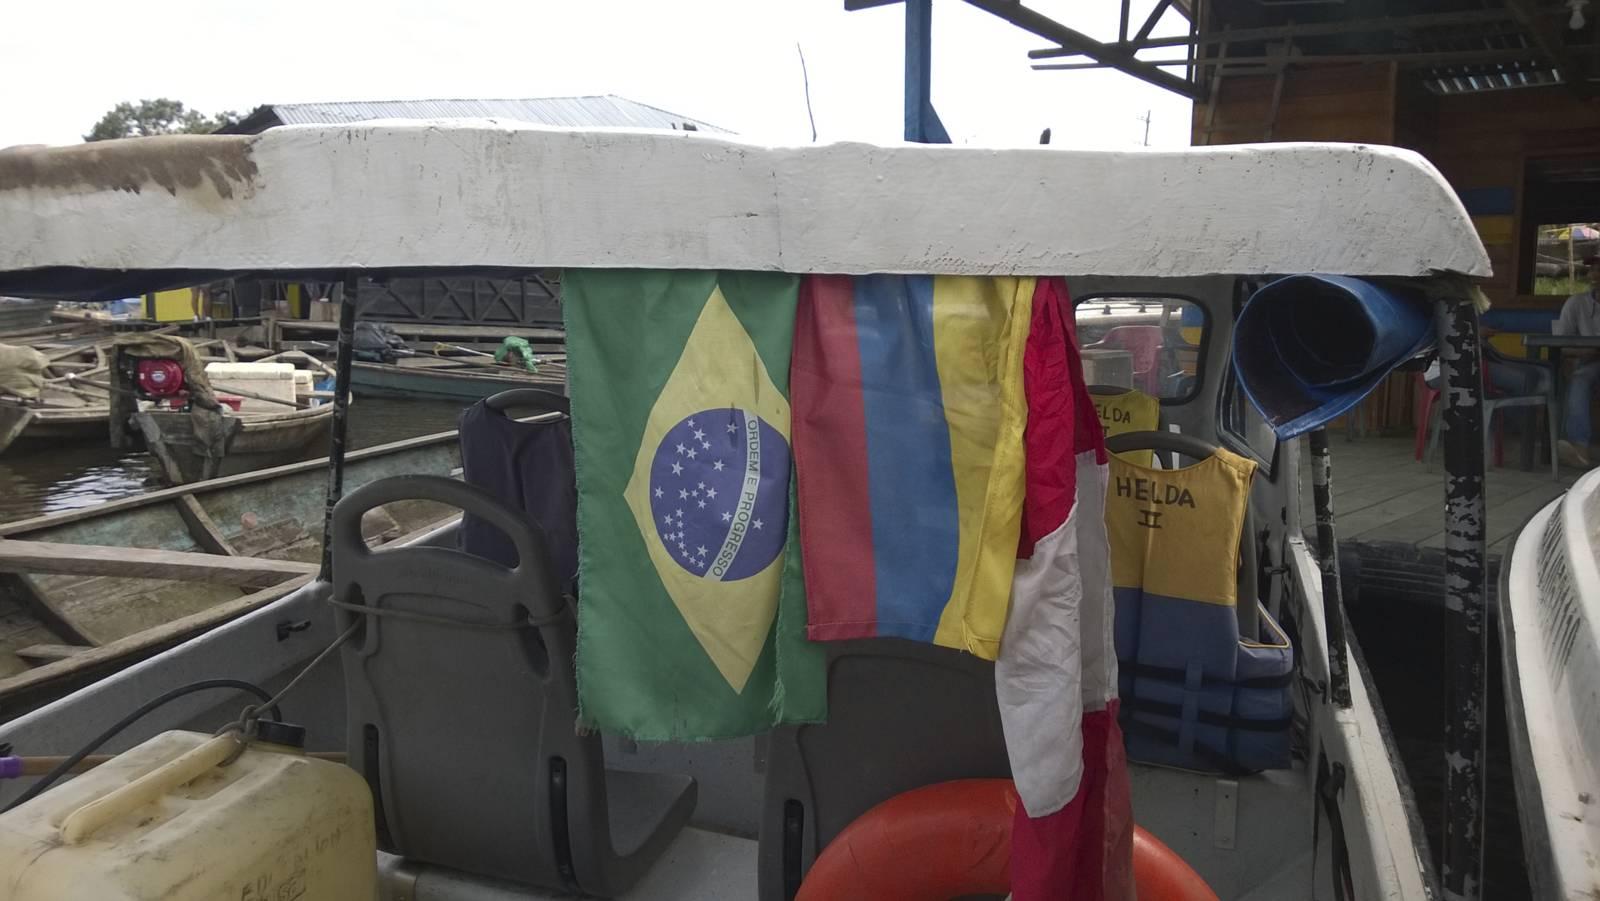 Colombia-Brasile-peru-tres-banderas-amazonia-boat-trip